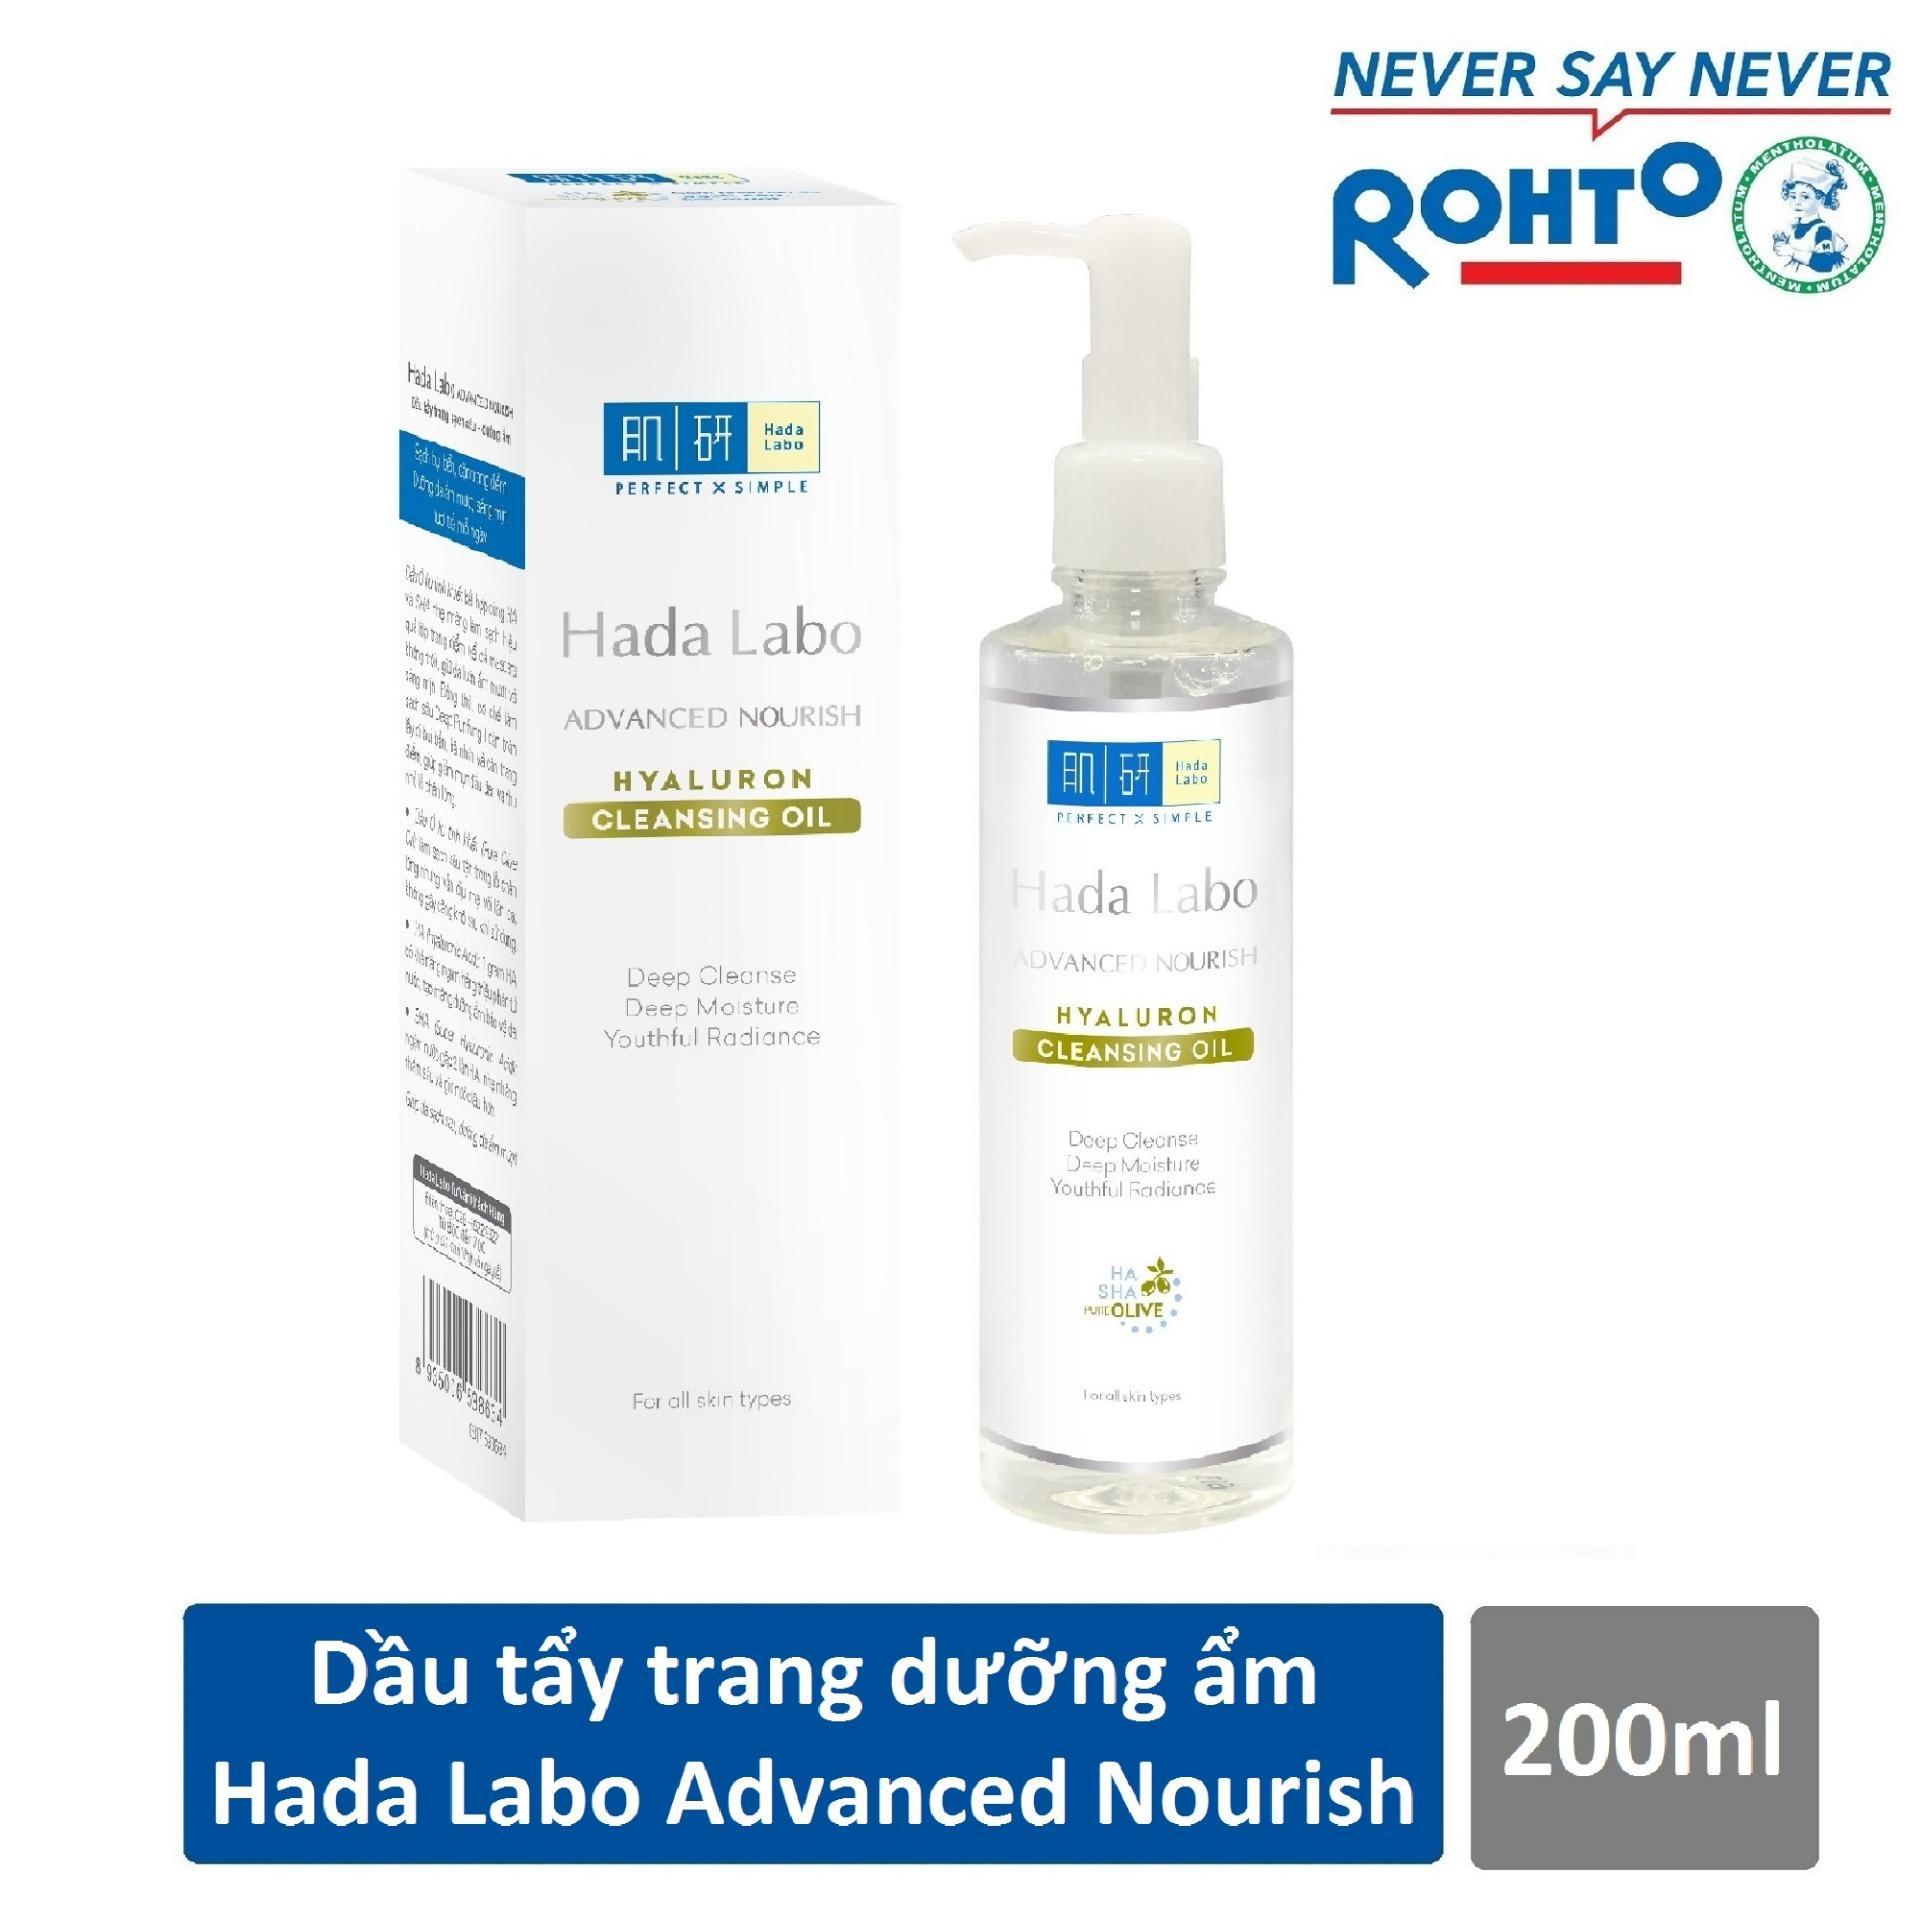 Dầu Tẩy Trang Hada Labo Advanced Nourish Hyaluron Cleansing Oil 200ml Cùng Khuyến Mại Sốc